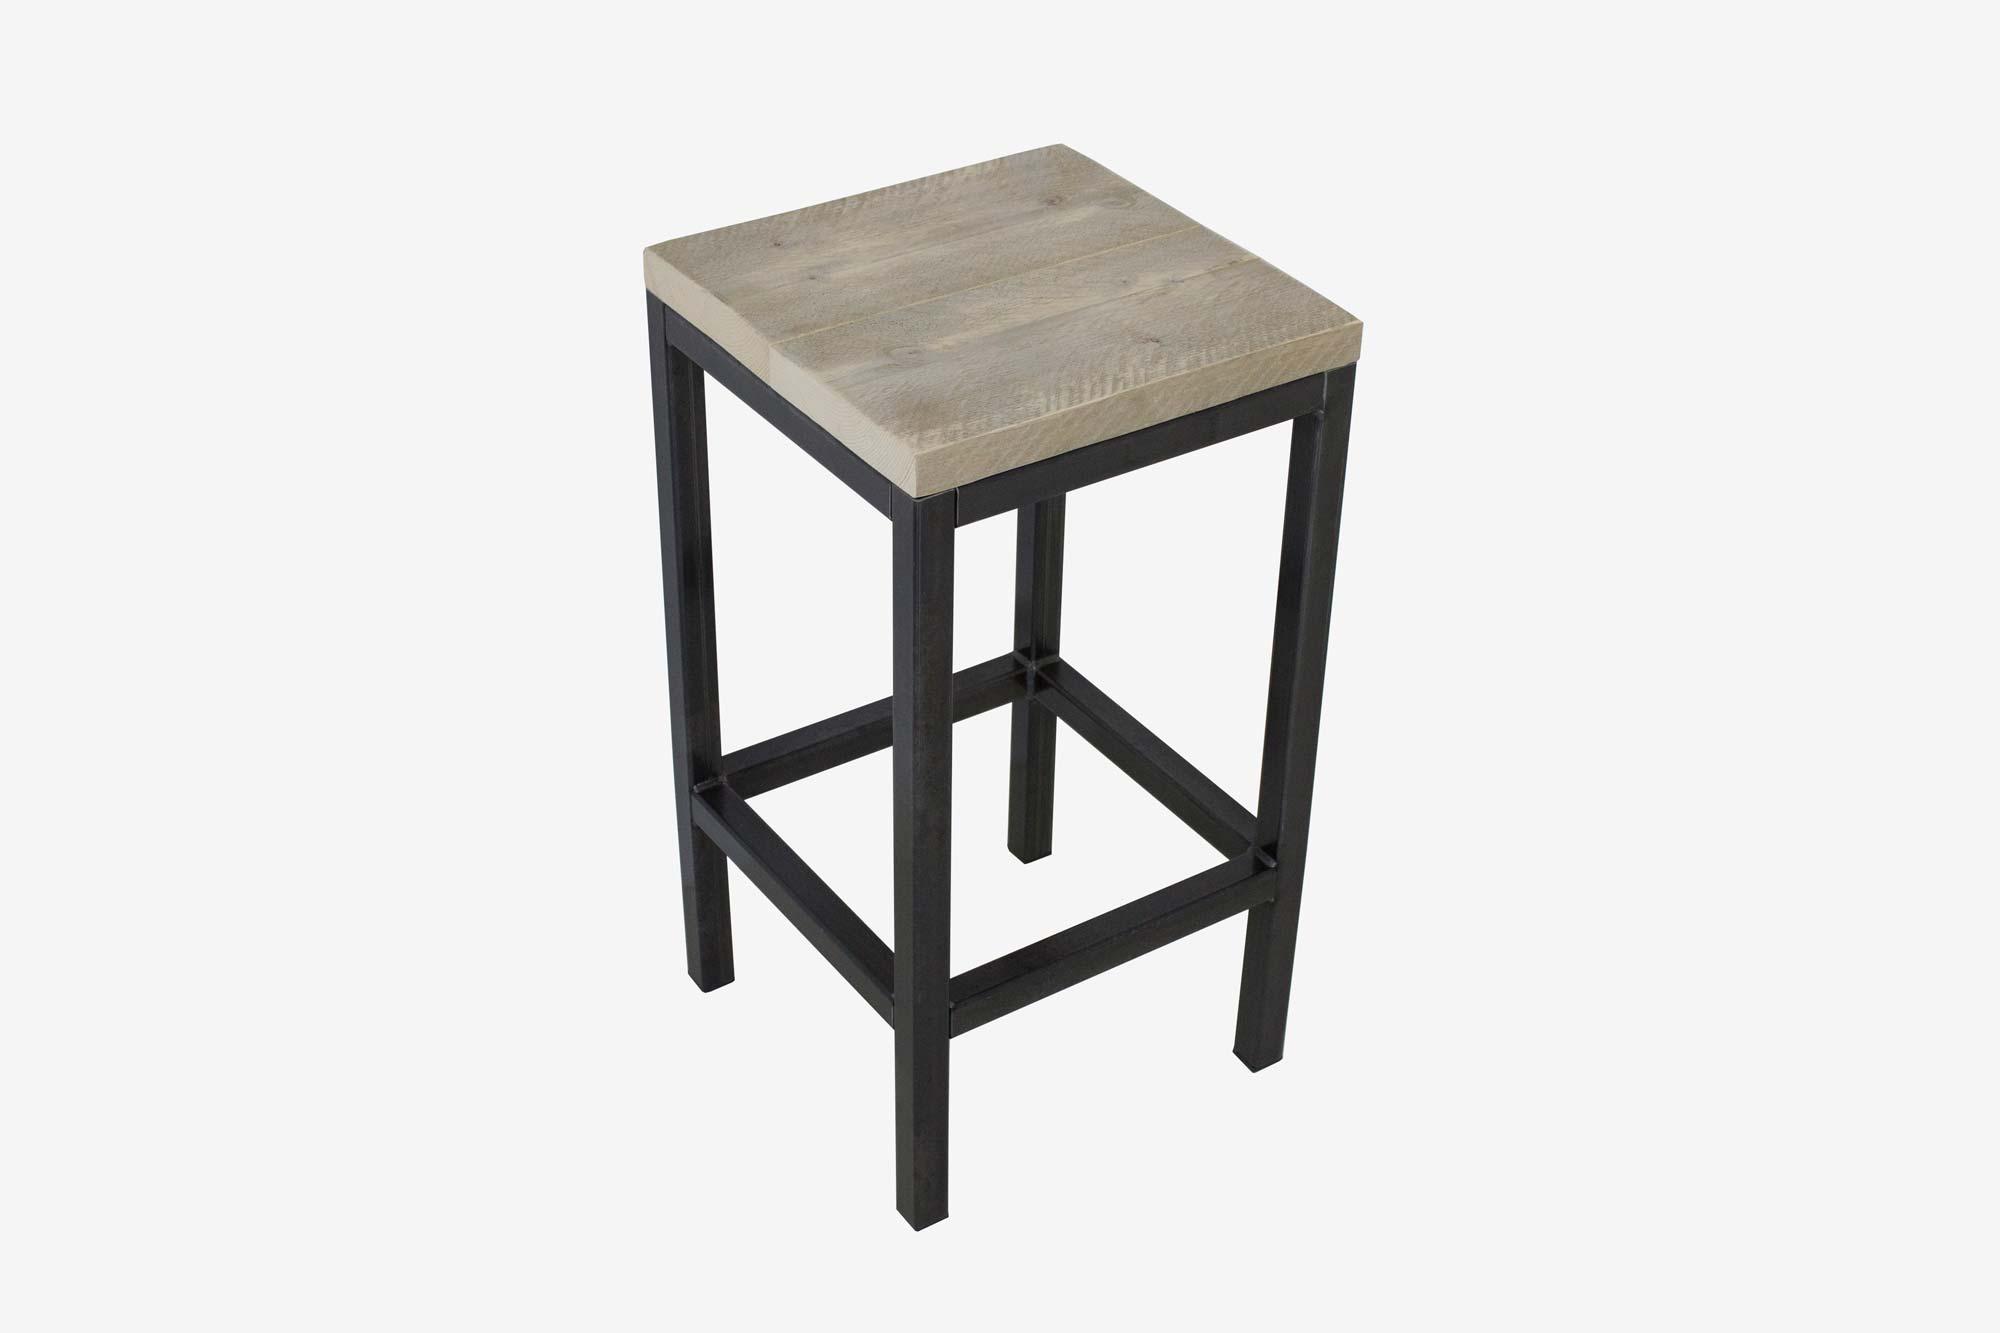 Steigerhouten barkruk fØrn meubelen van steigerhout